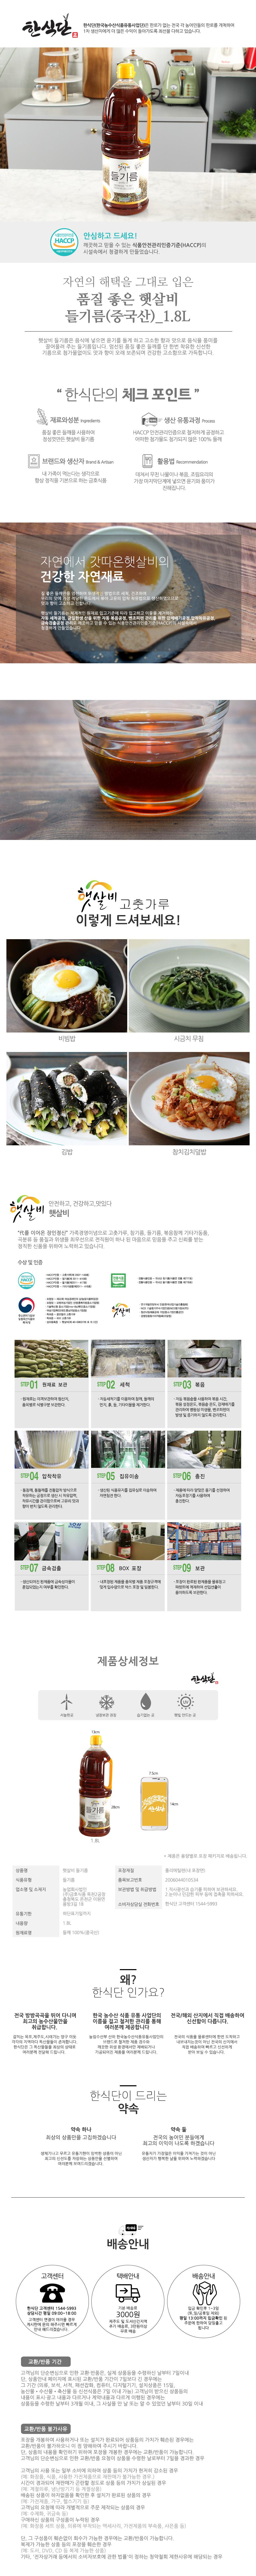 햇살비 들기름 1.8리터 중국산 깨분 - 태정글로벌, 28,700원, 오일, 참기름/들기름